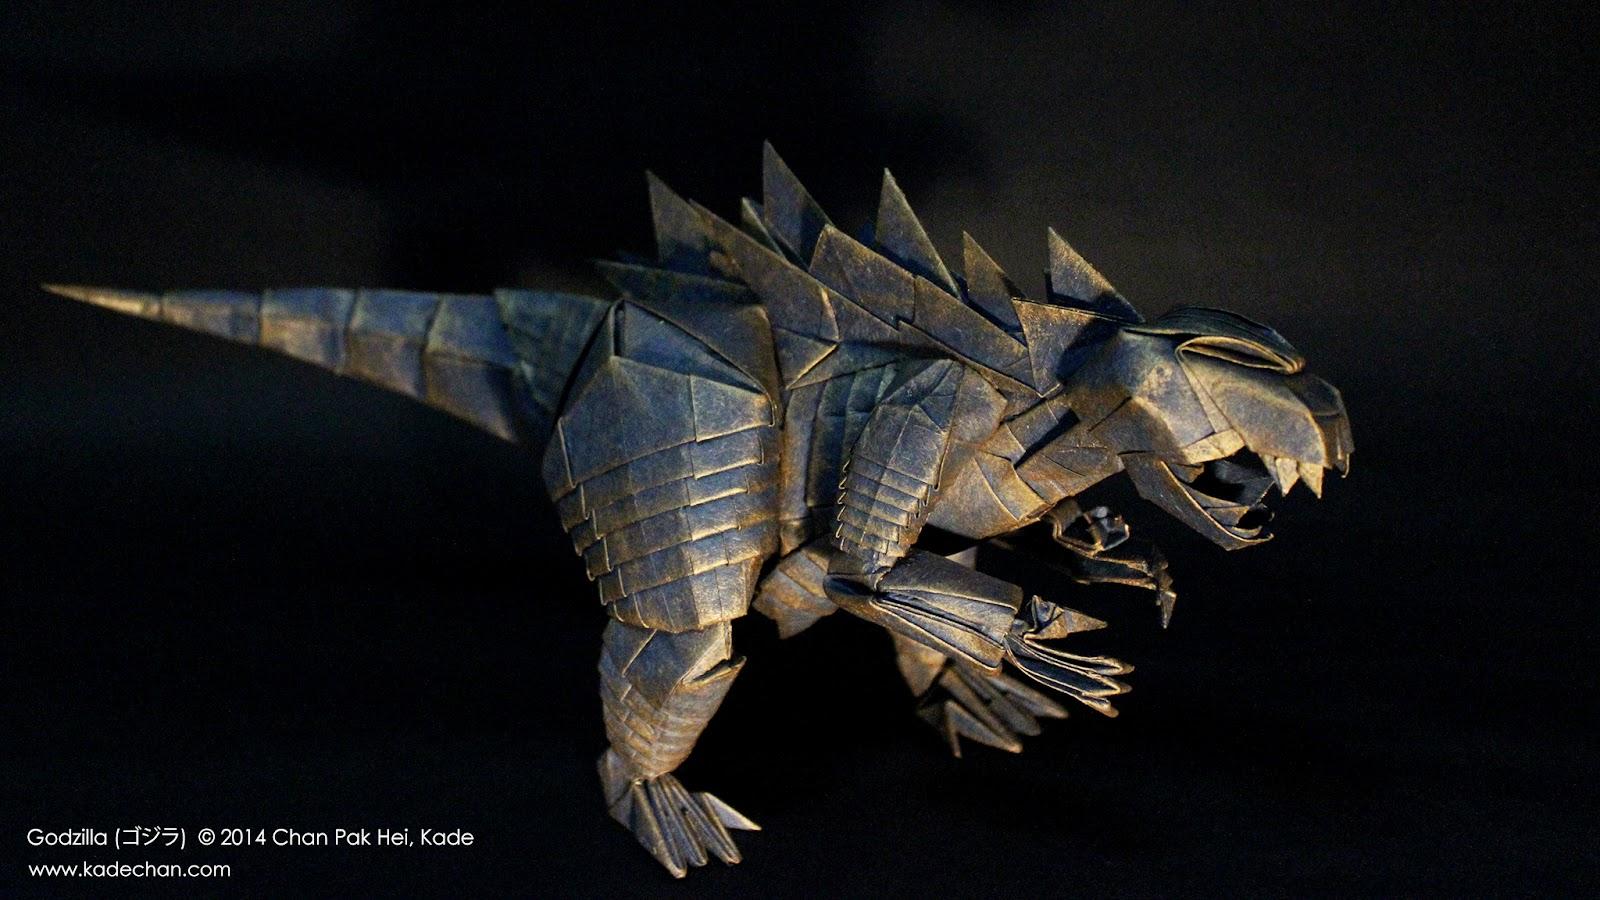 kade chan origami blog �������������� ��� origami godzilla ���